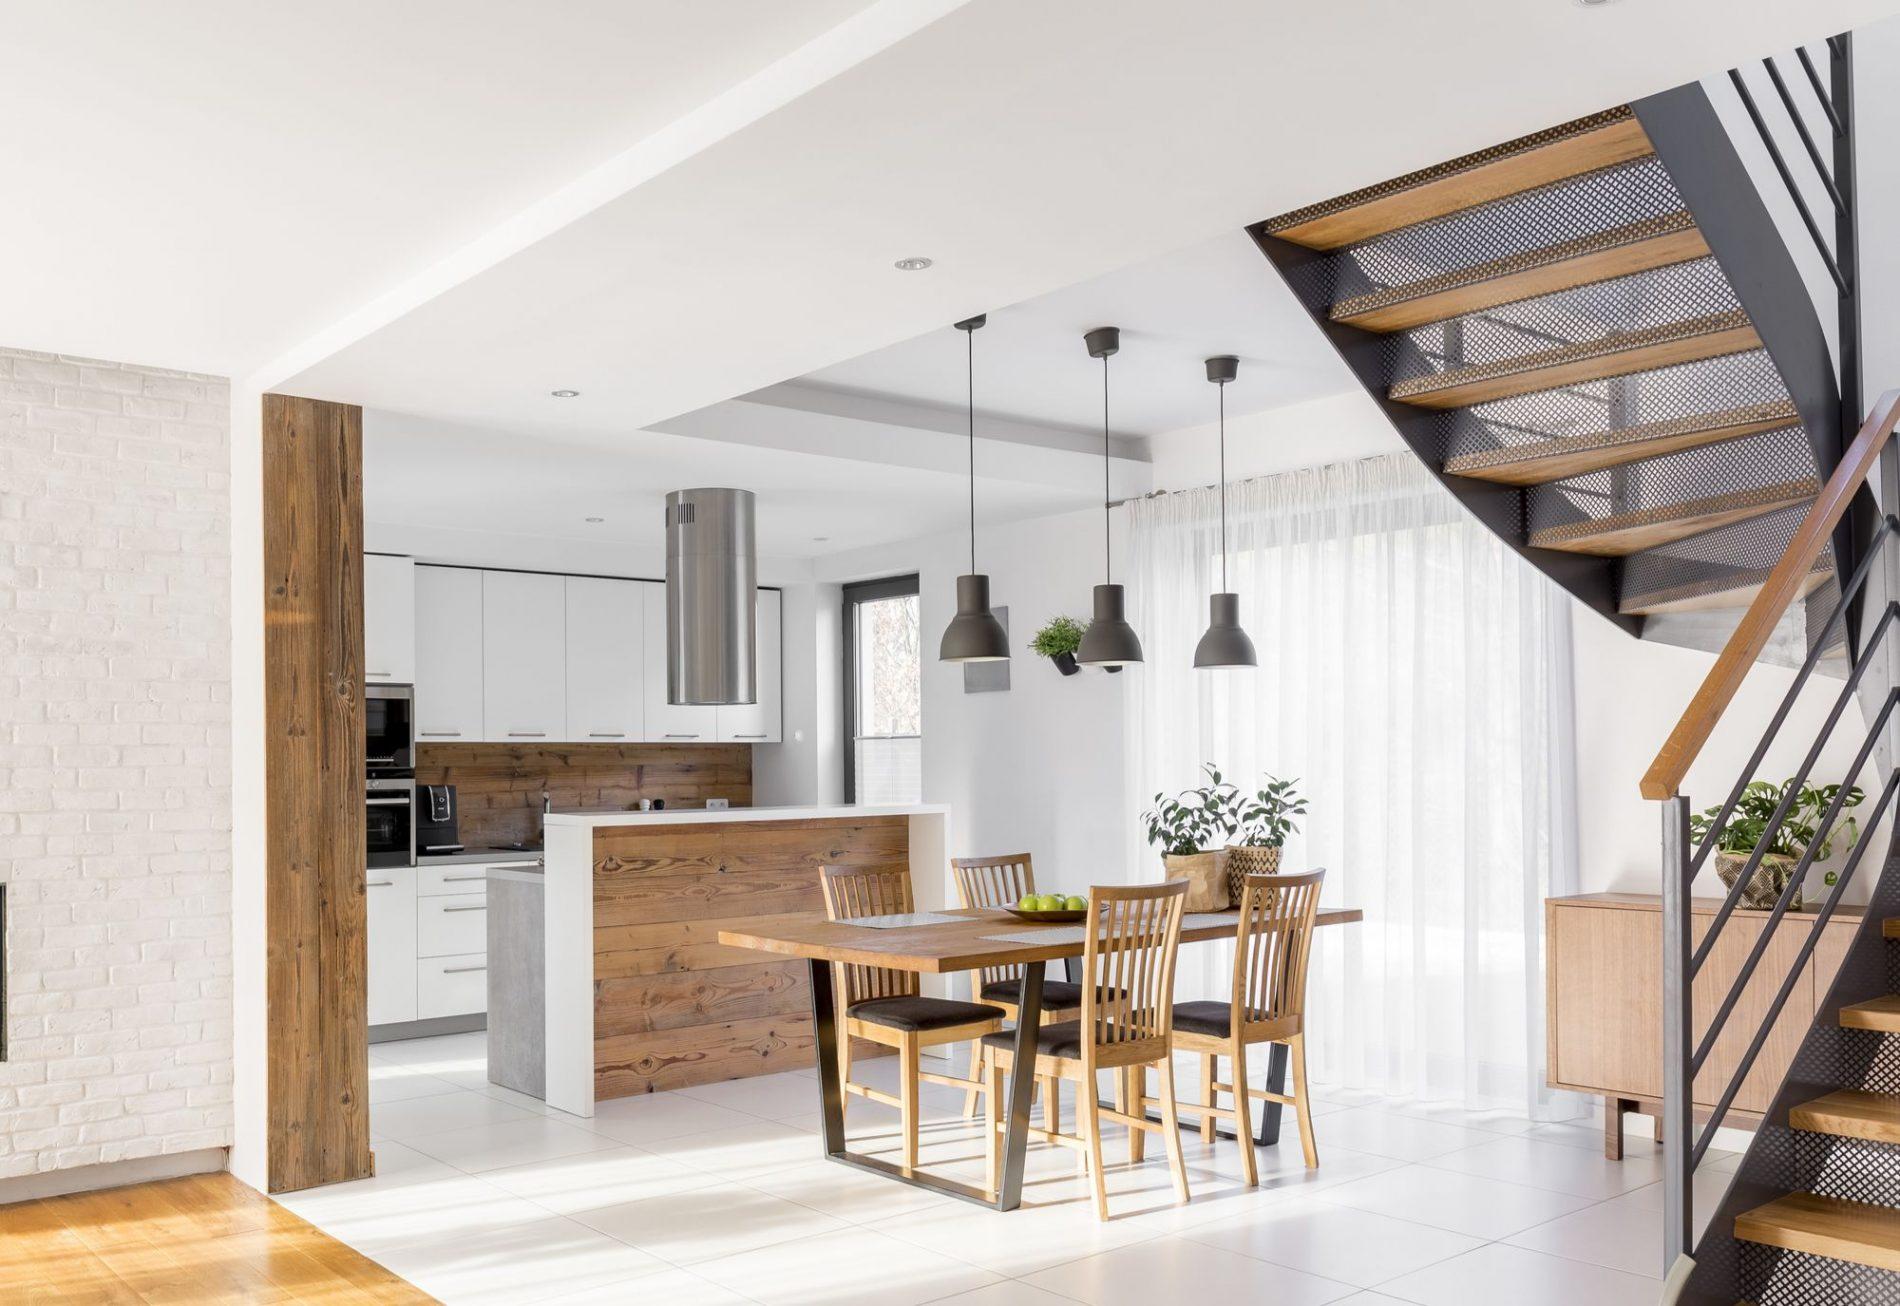 Cuisine Aménagée En Longueur comment installer, monter une cuisine aménagée? prix, coût